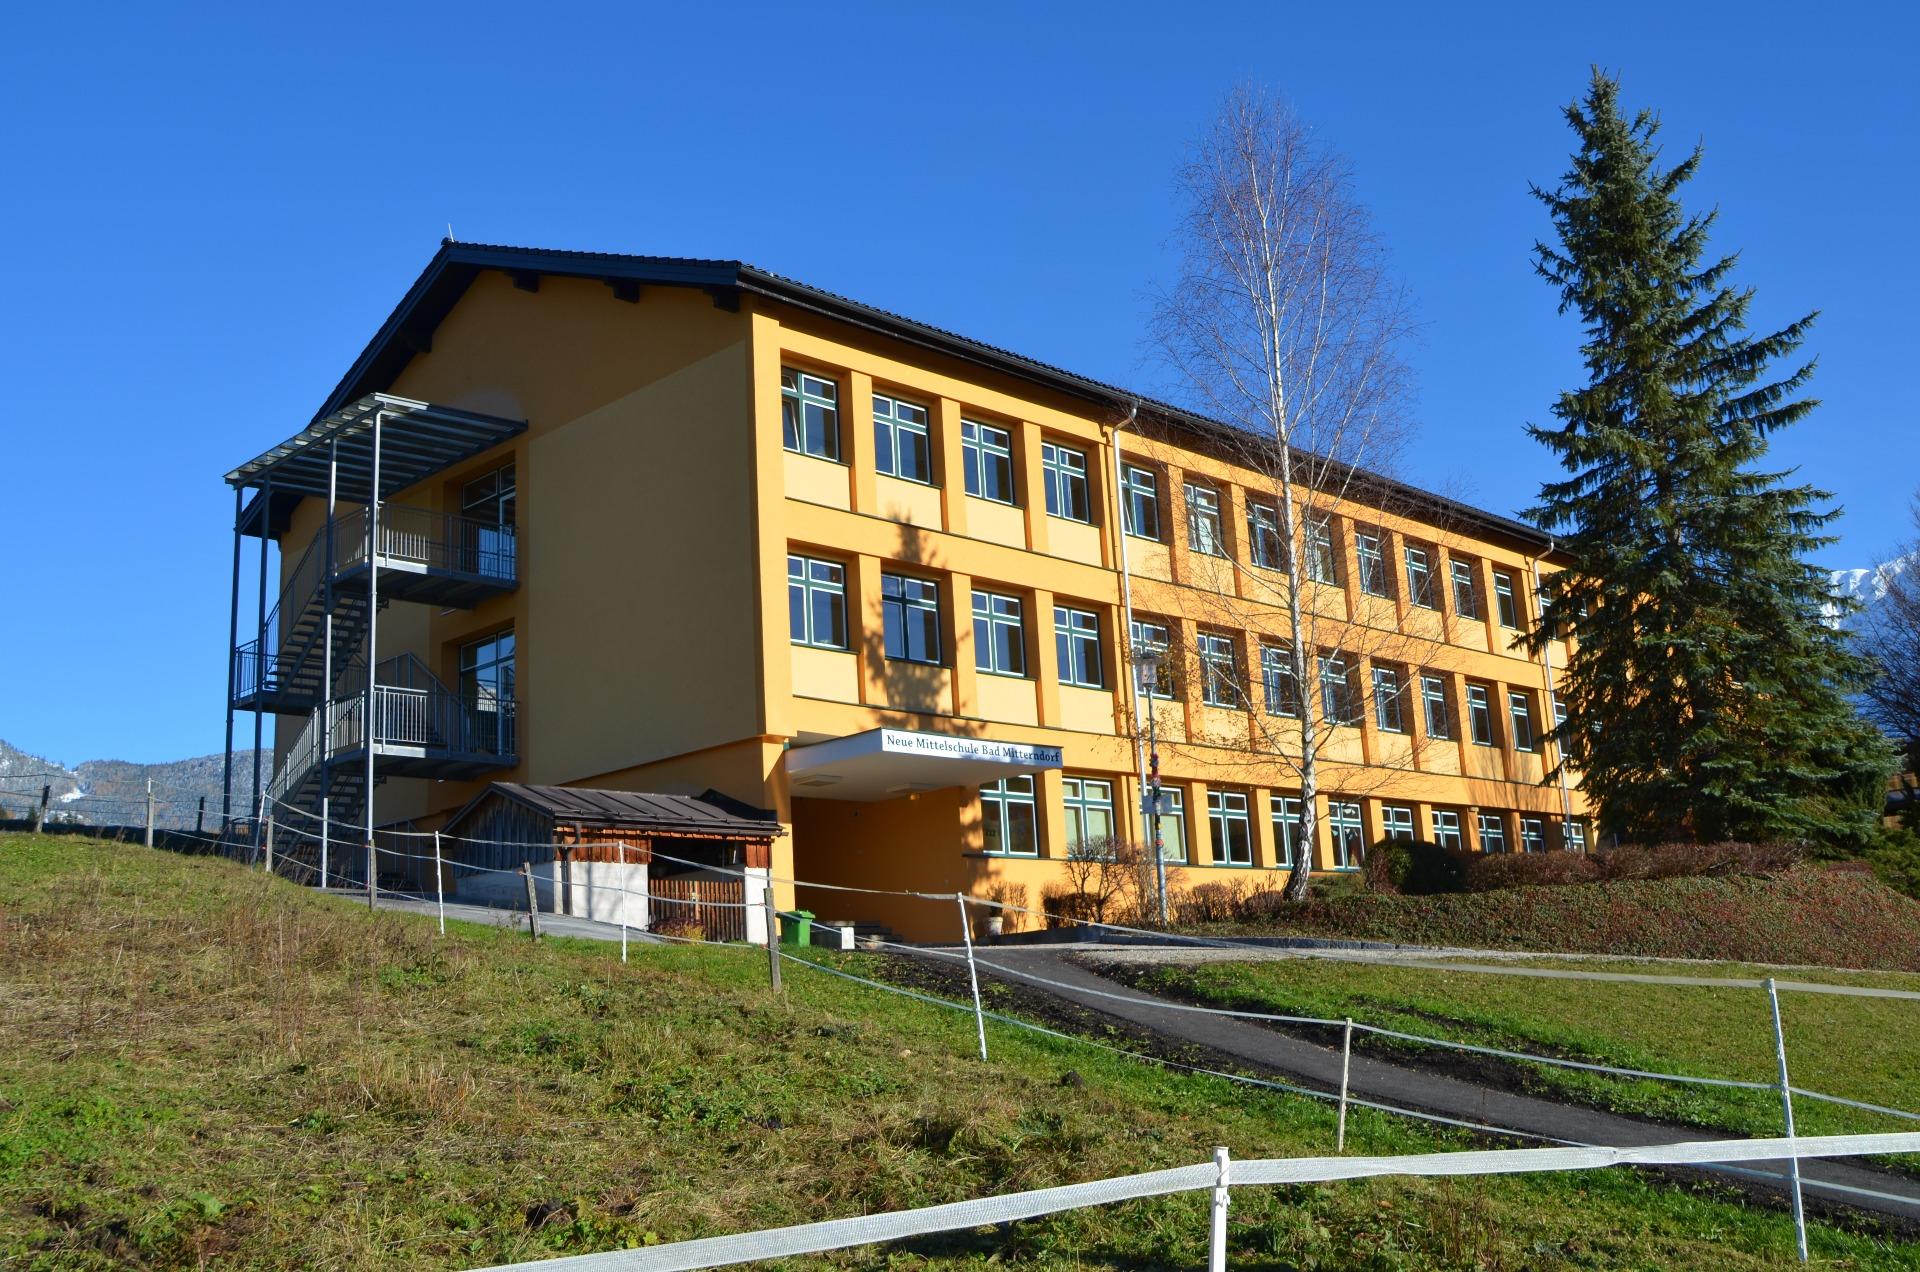 Mittelschule Bad Mitterndorf